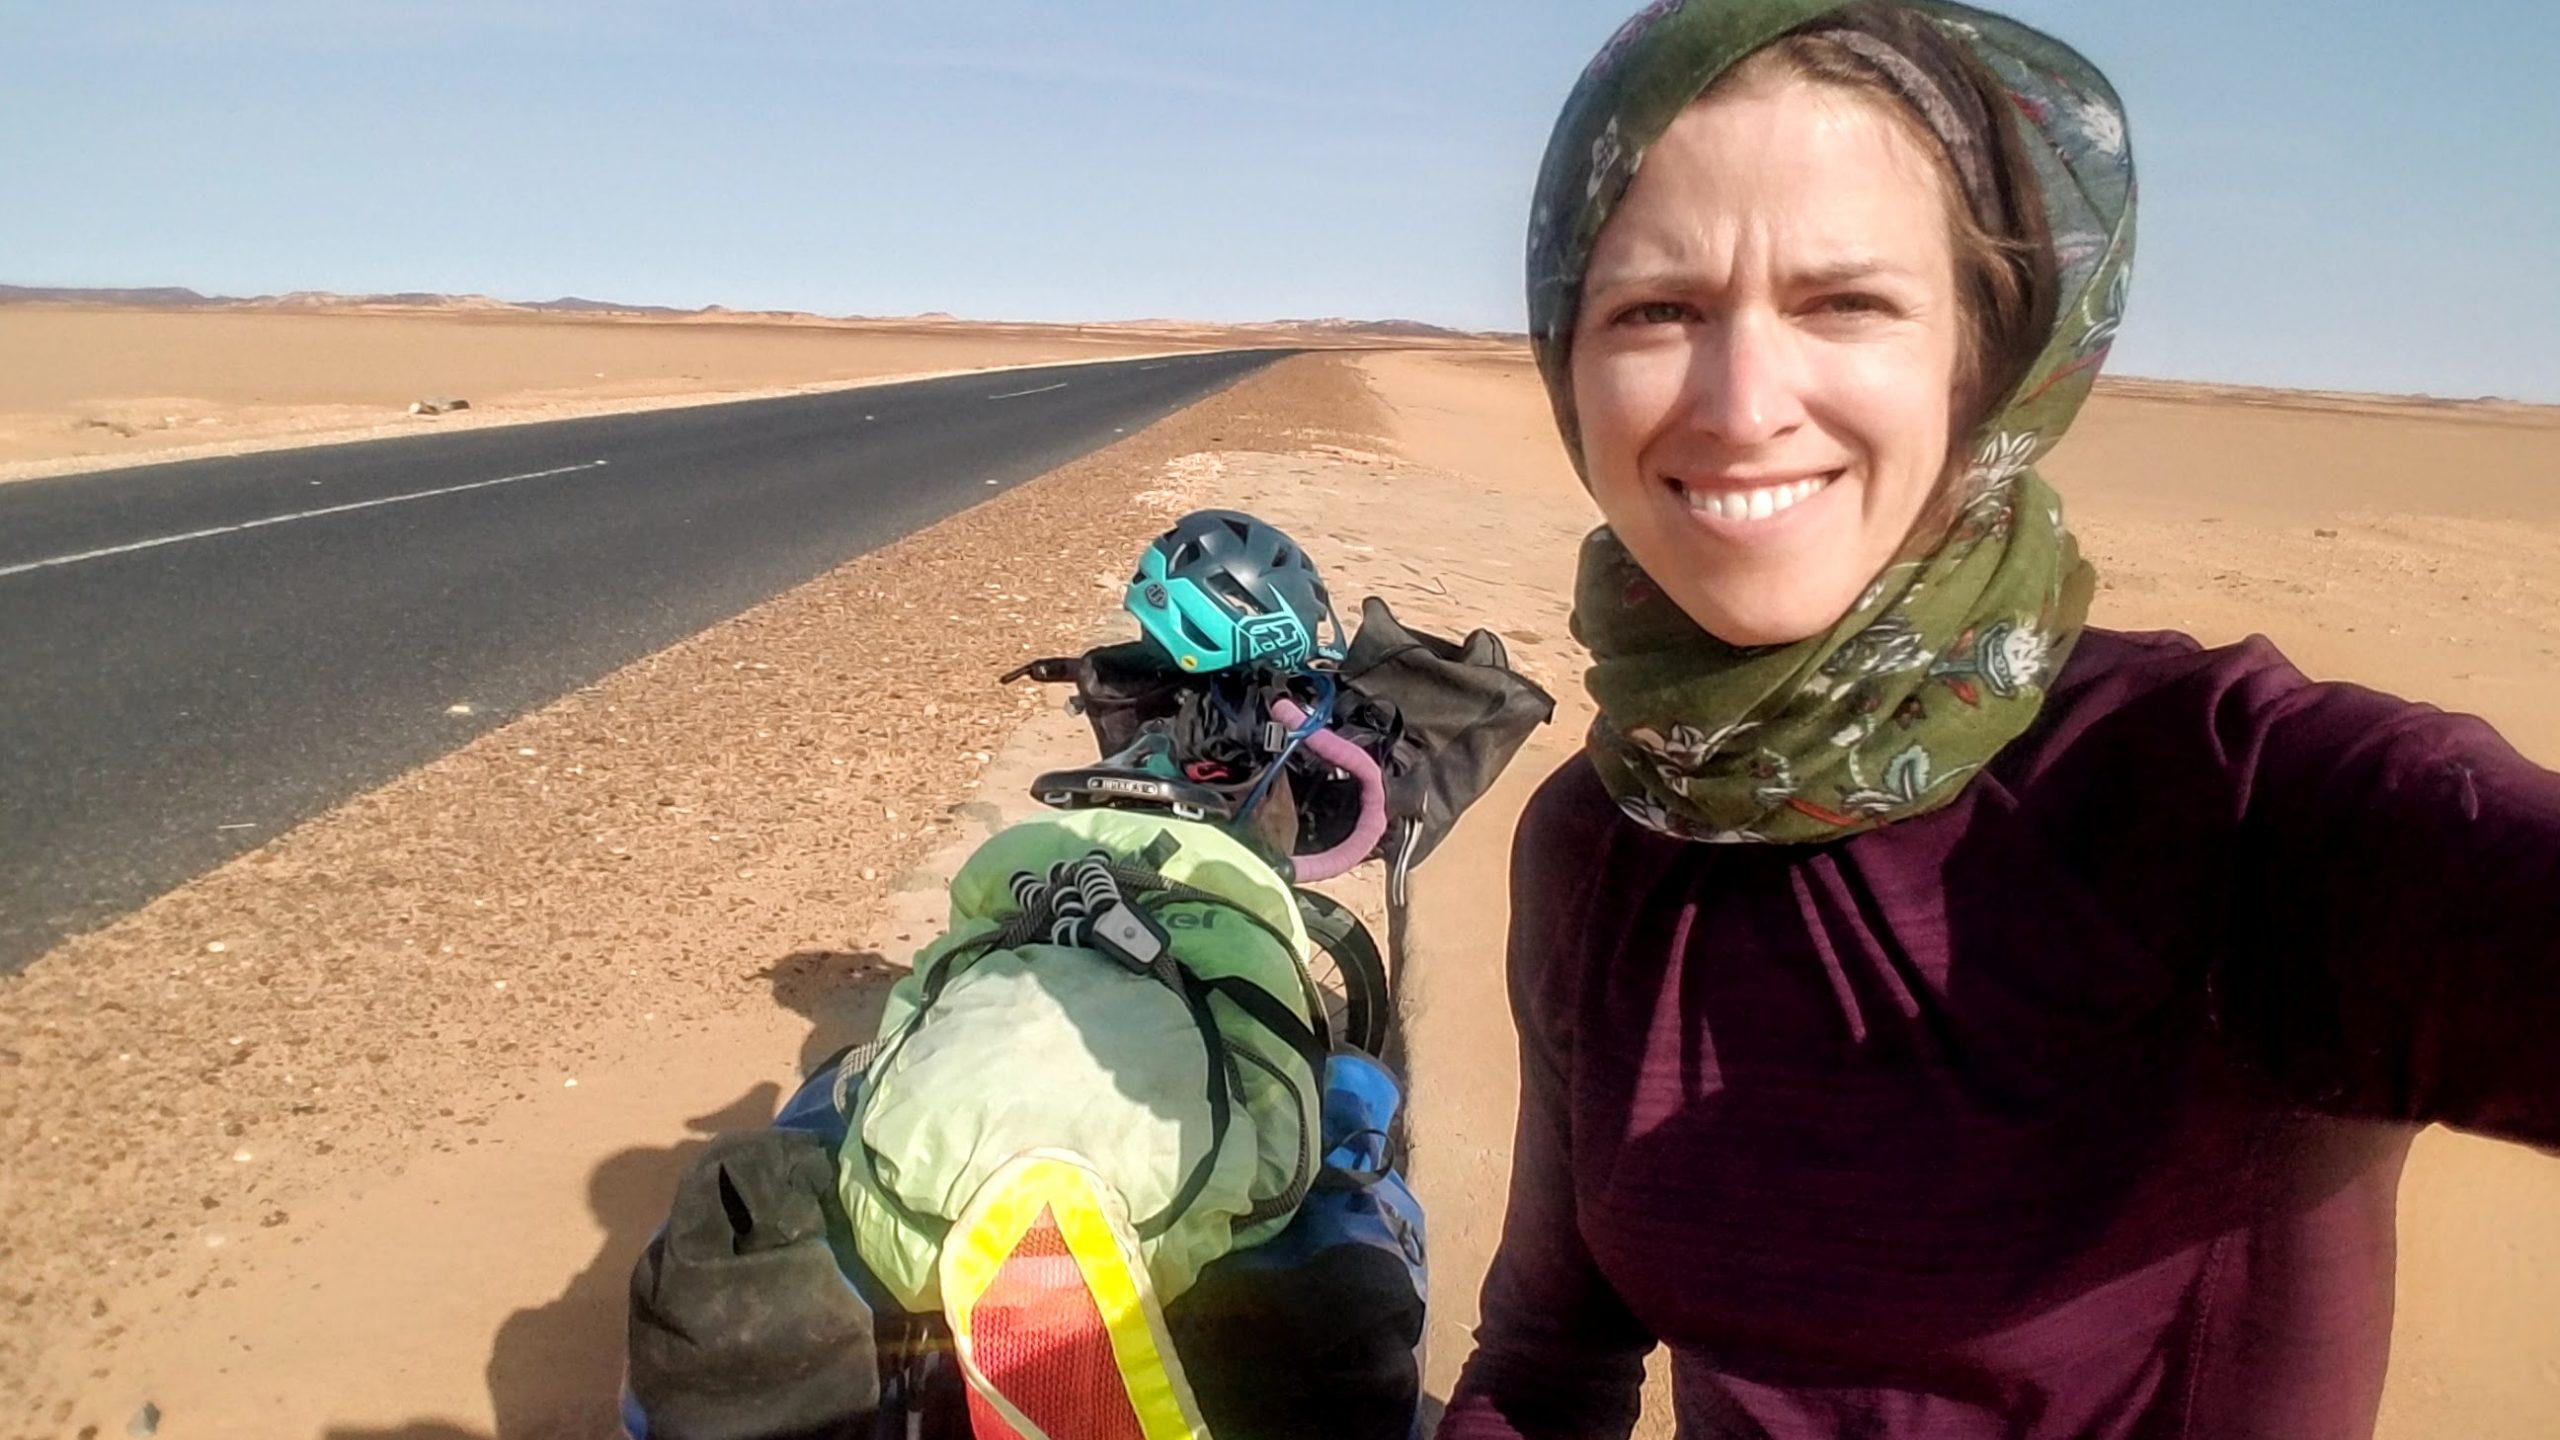 Female traveler wearing headscarf in Sudan